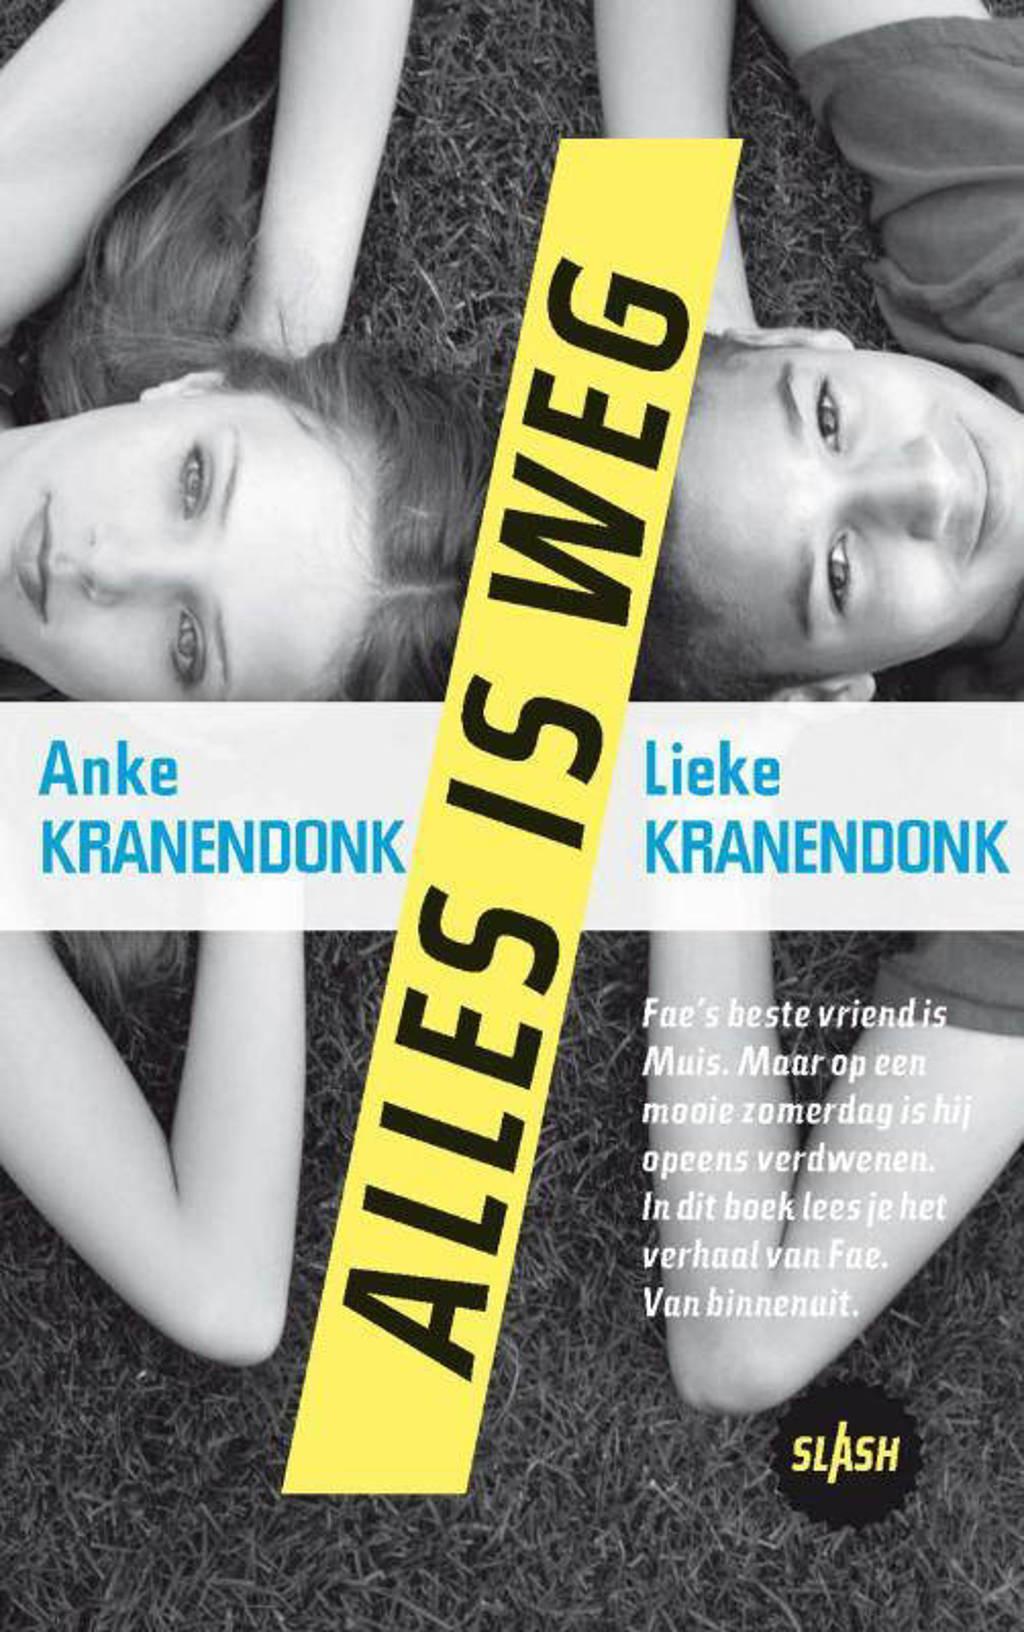 Slash: Alles is weg - Anke Kranendonk en Lieke Kranendonk